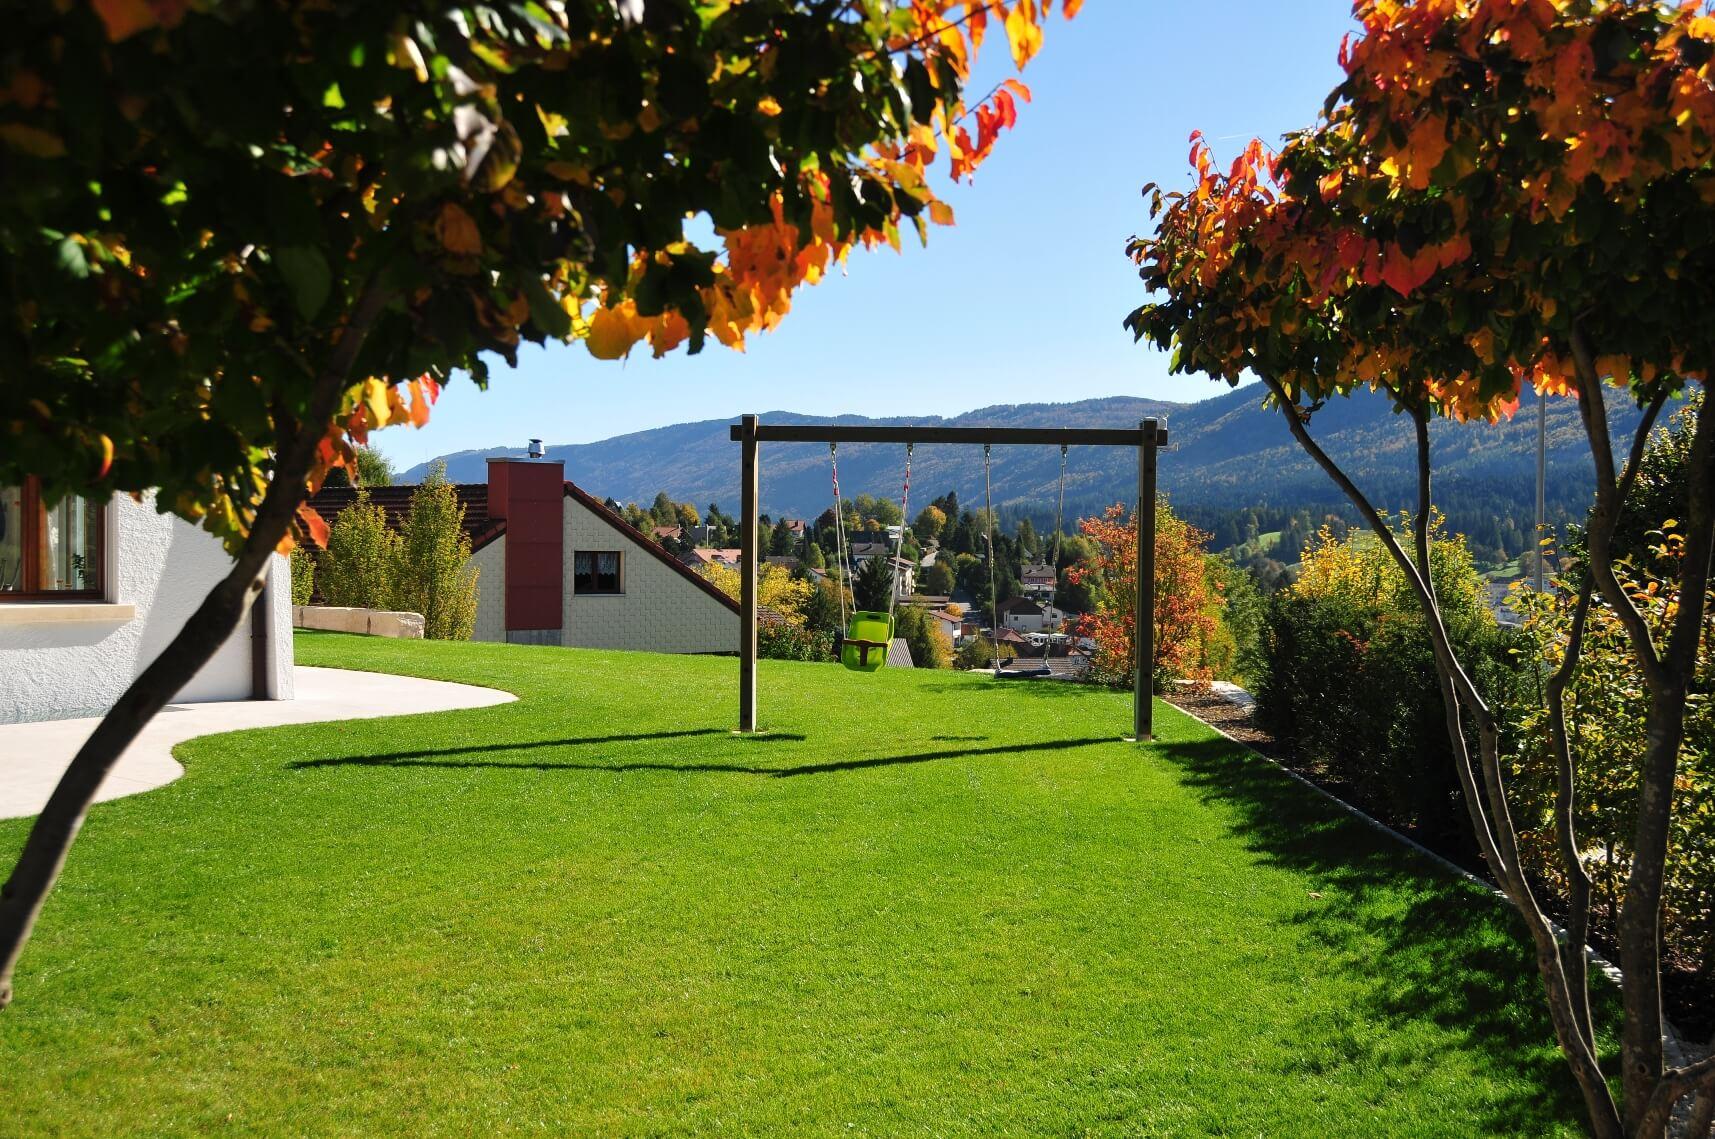 aellig paysages alentours maison familiale terrasse jacuzzi balançoires jardin talus malleray (8)